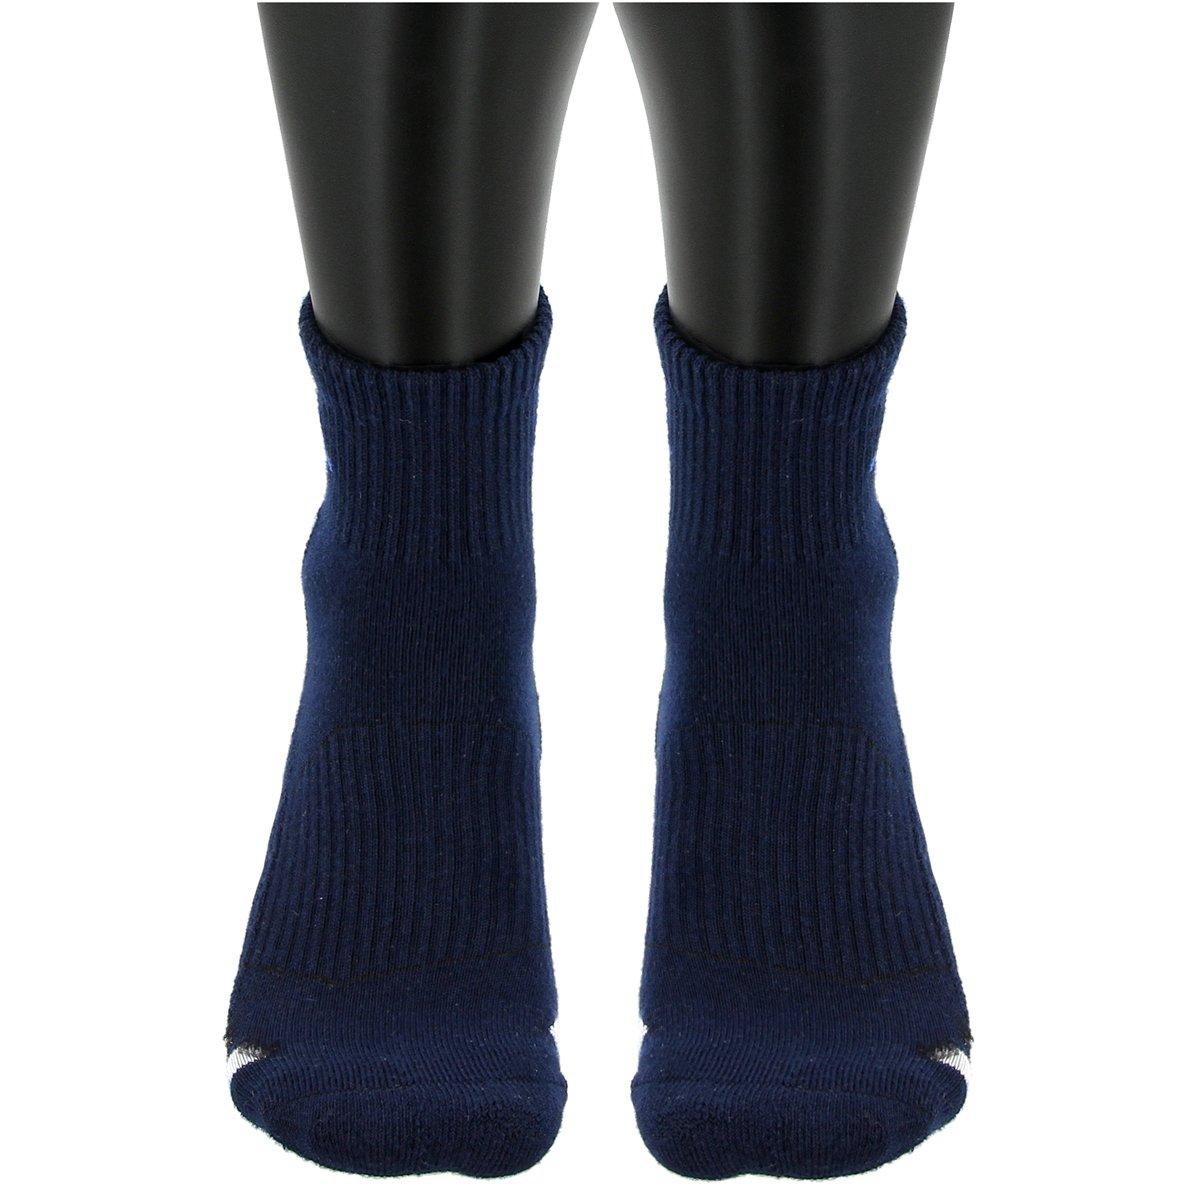 Adidas uomini è attutito 3 pack quarto calzini, collegiale marina / bianco